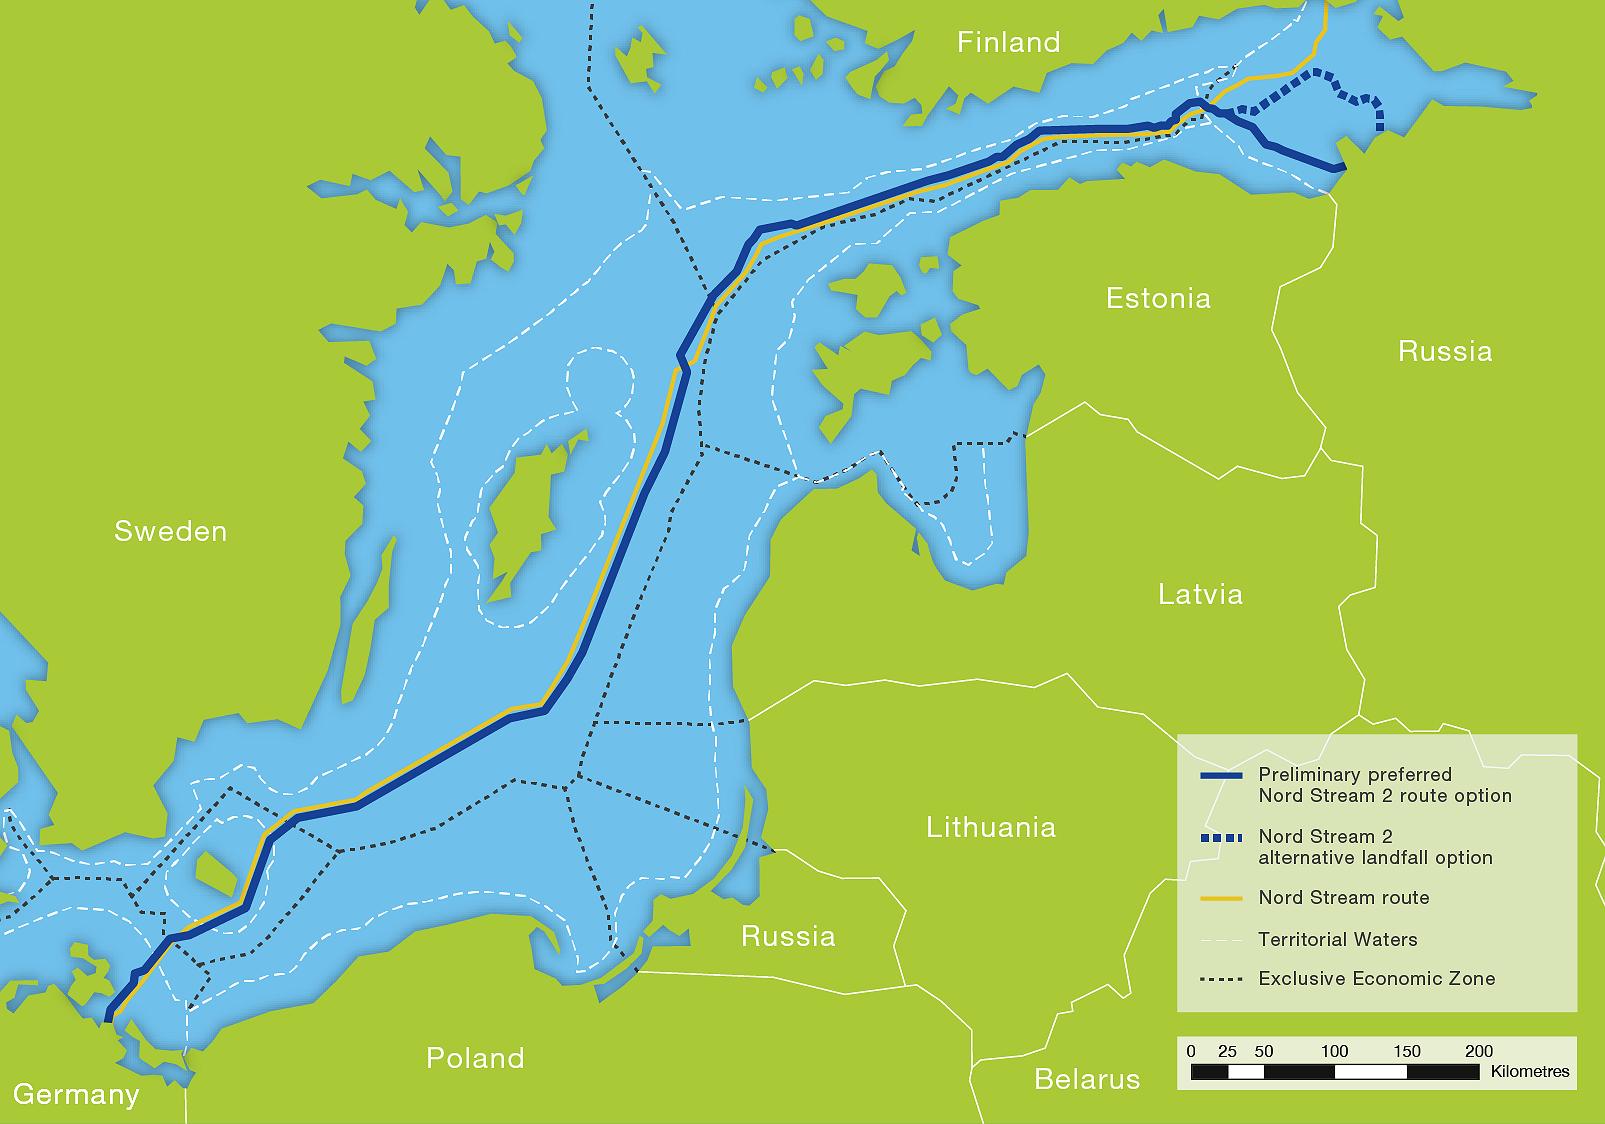 Ανοίγει ο δρόμος για νέο ρωσικό αγωγό στα Βαλκάνια;